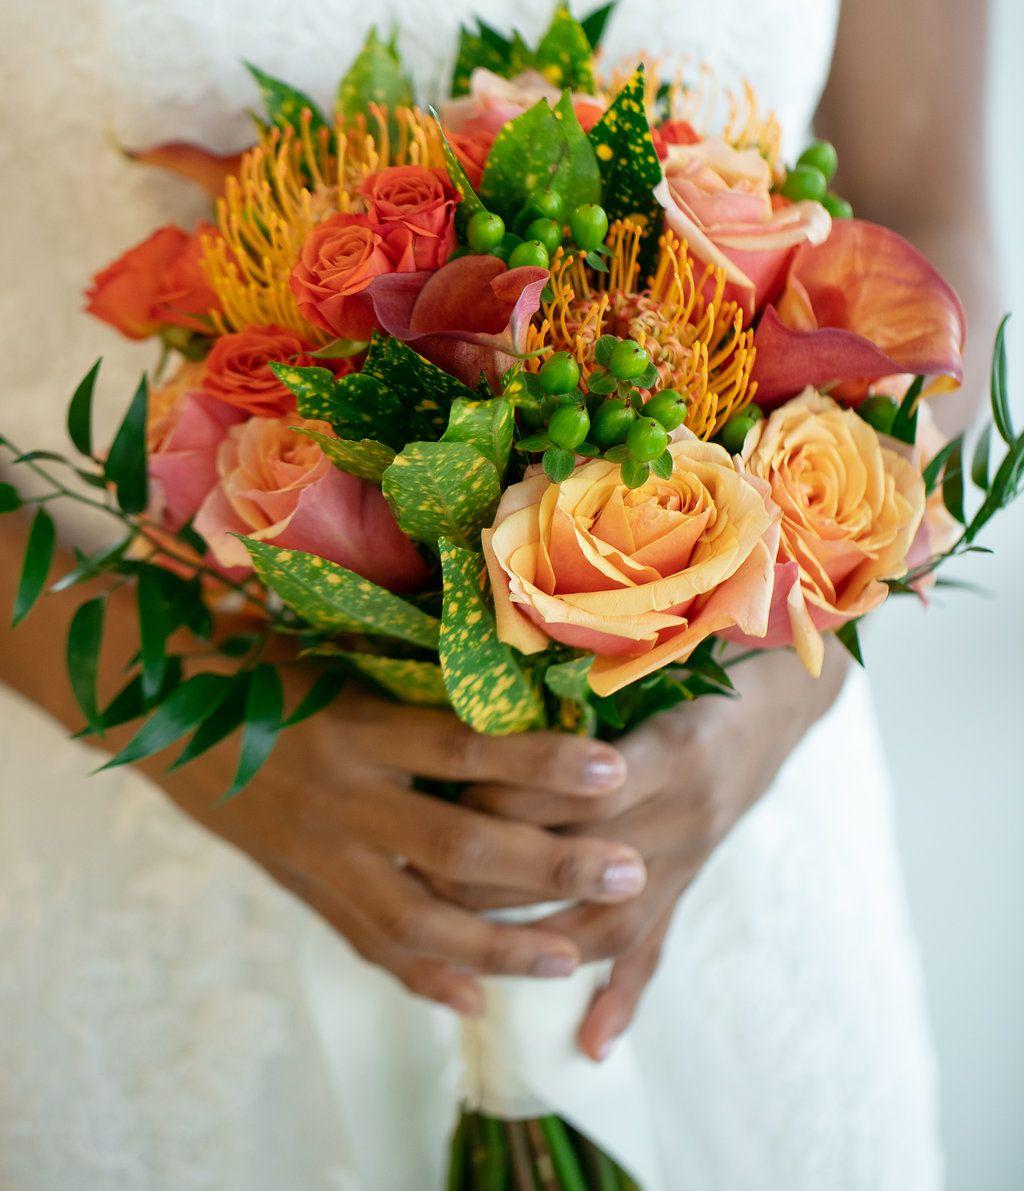 30 Summer Wedding Flowers In Season June July And August August Wedding Flowers Wedding Flowers Season August Flowers